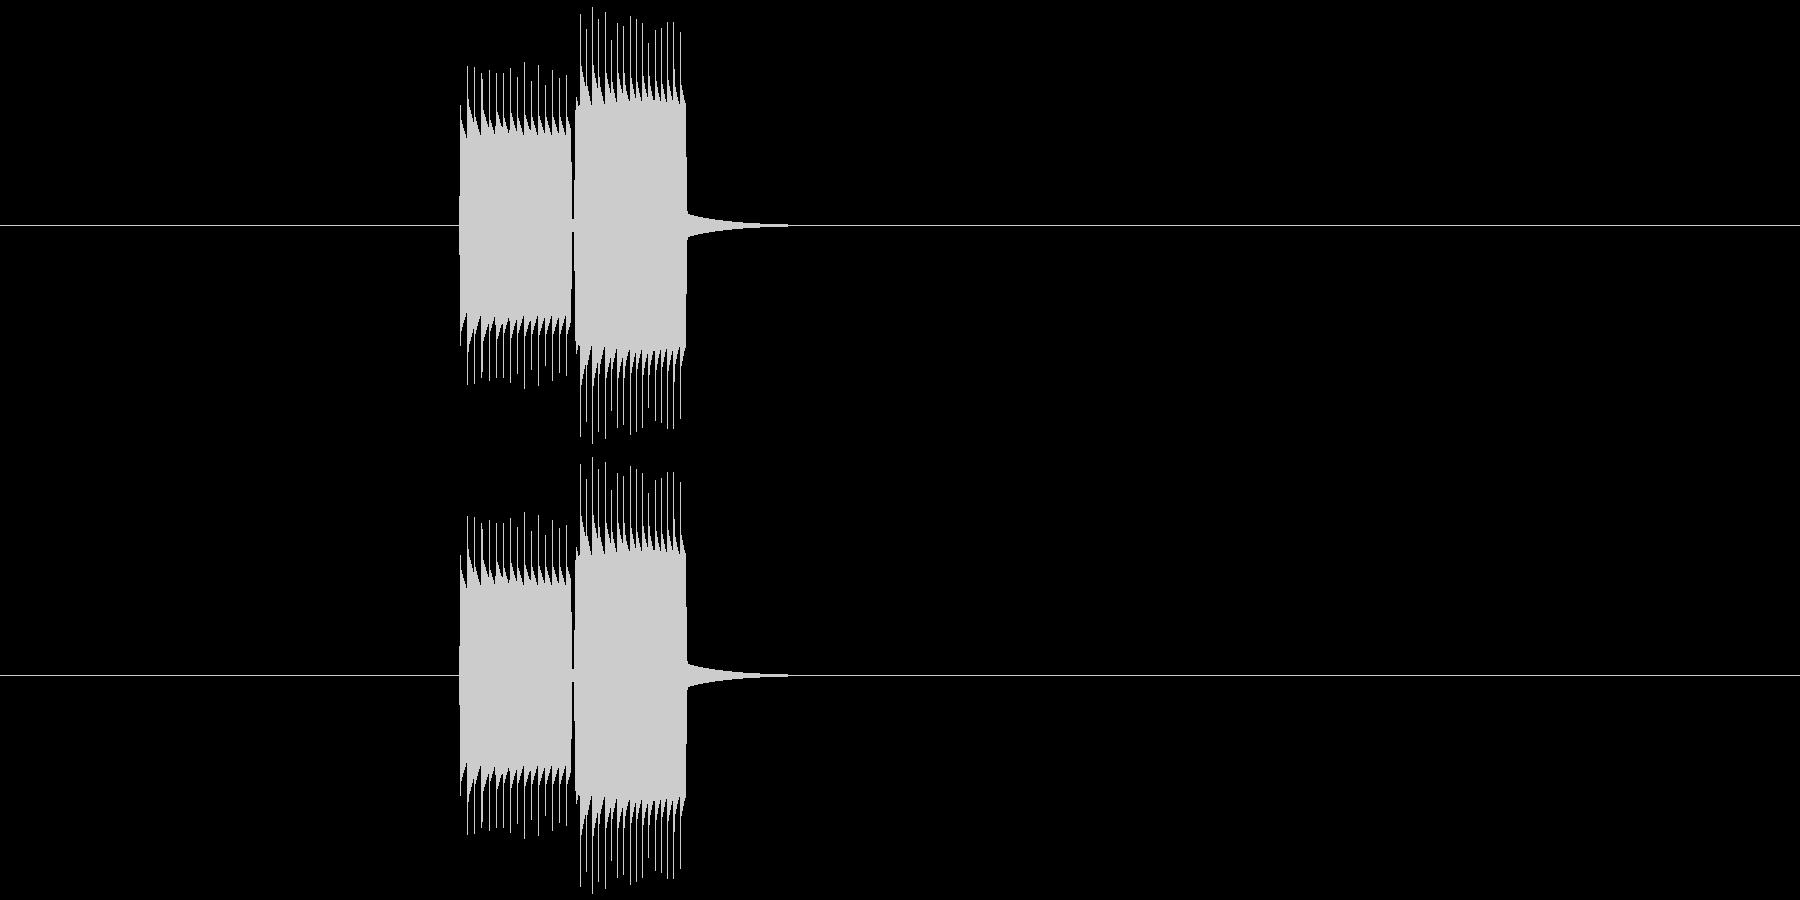 チープなゲームのプッシュ音の未再生の波形